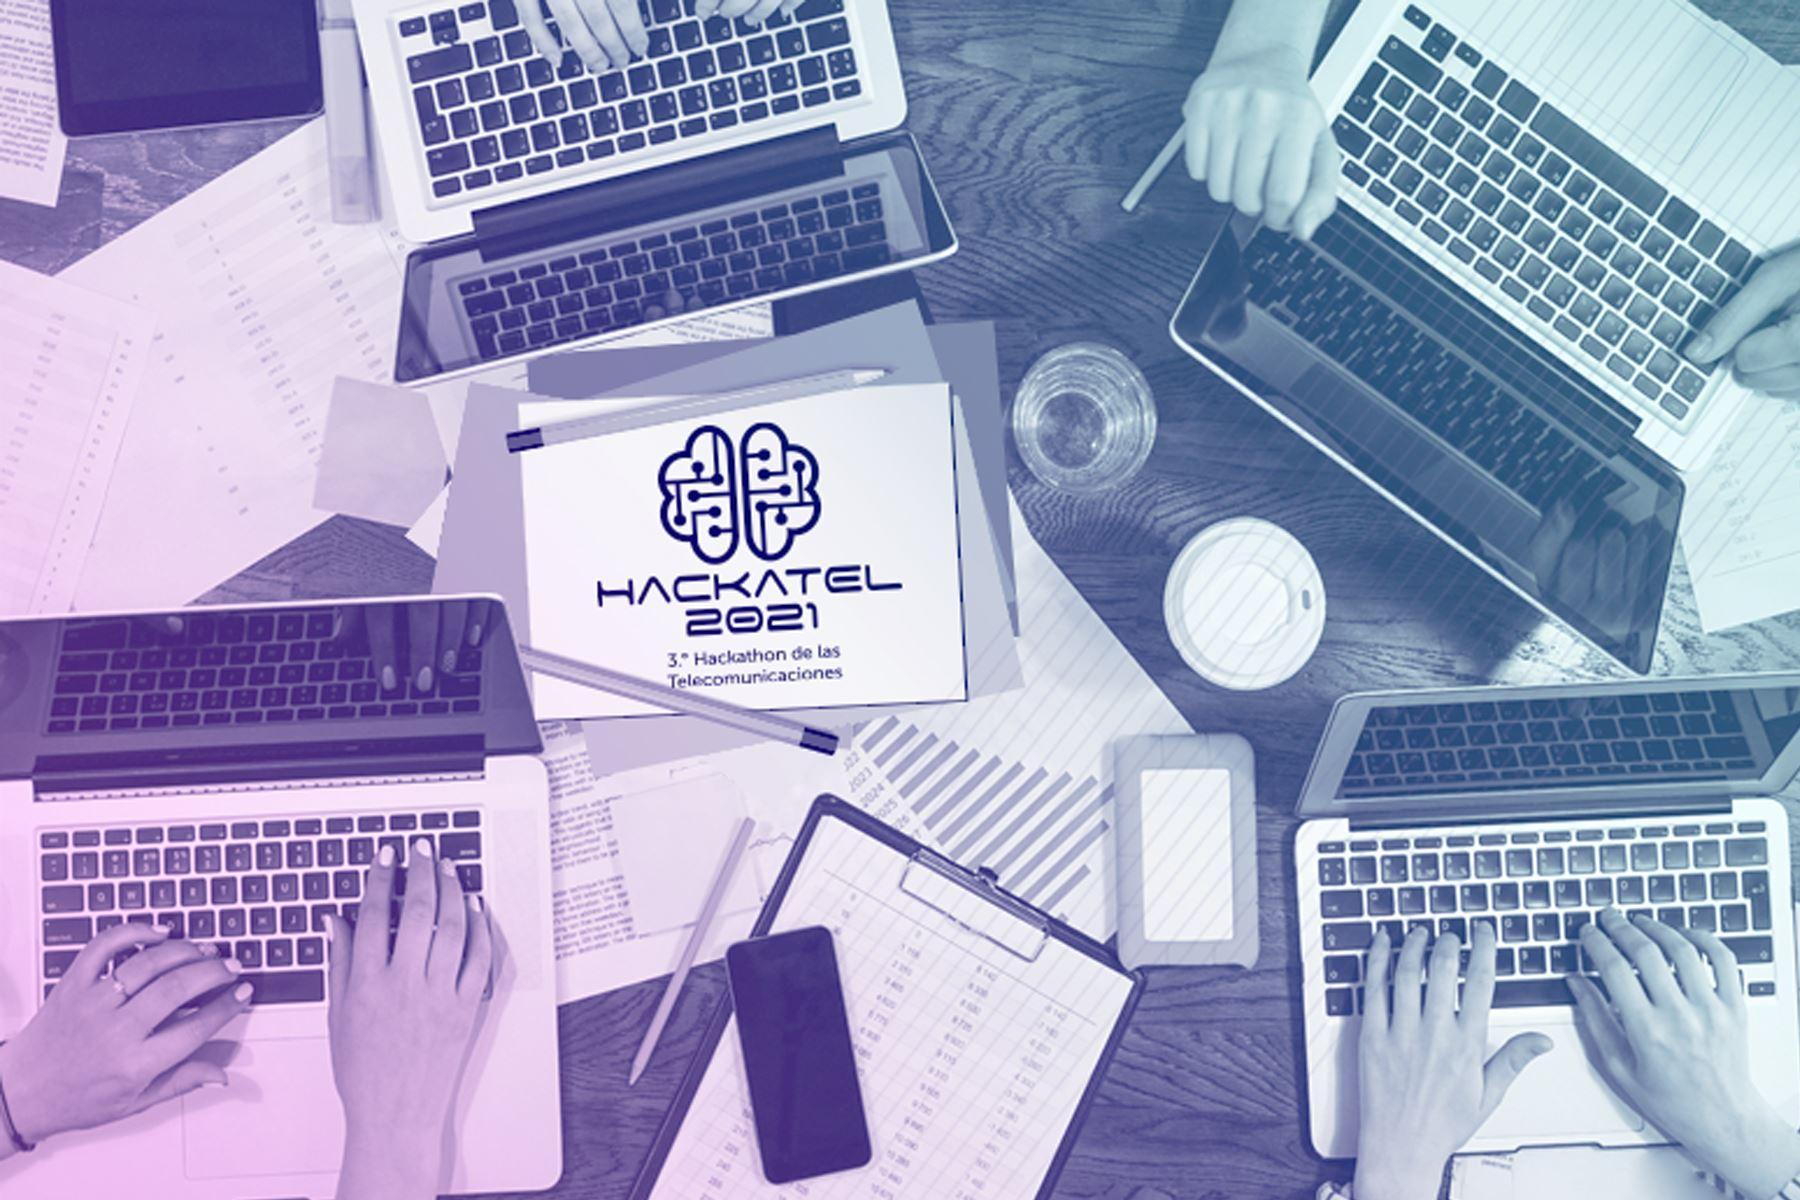 Las inscripciones para esta edición del HackaTEL del OSIPTEL iniciaron el 13 de septiembre y culminarán el próximo 31 de octubre. Foto: OSIPTEL